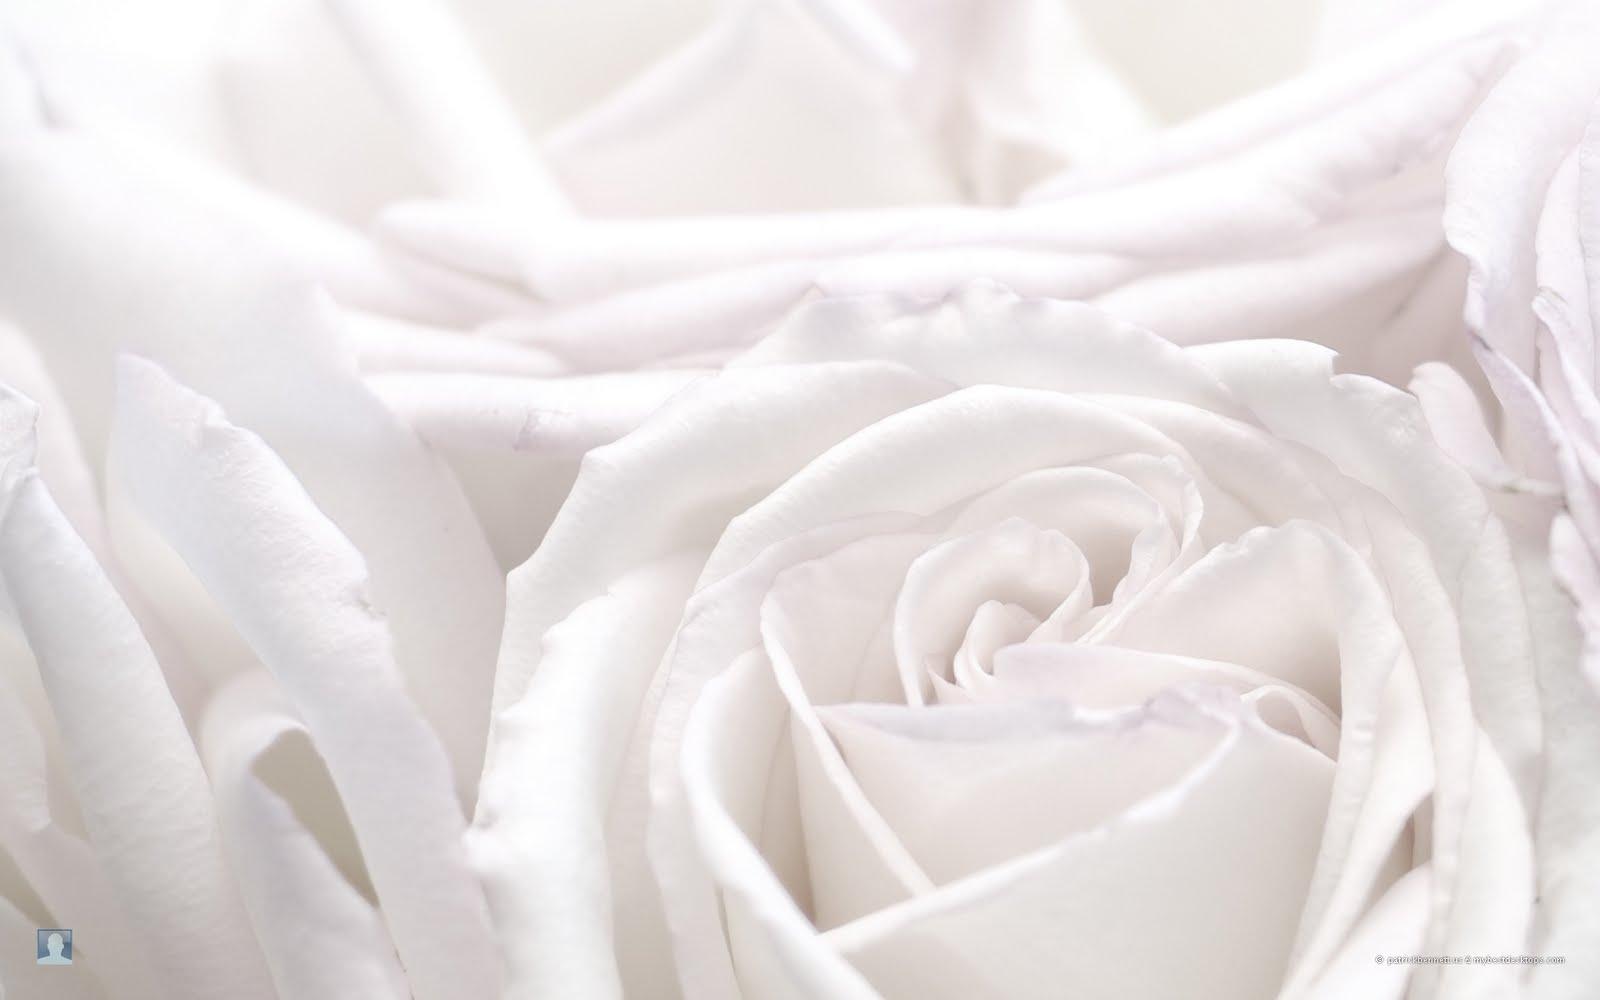 bloomed white roses wallpaper - photo #39